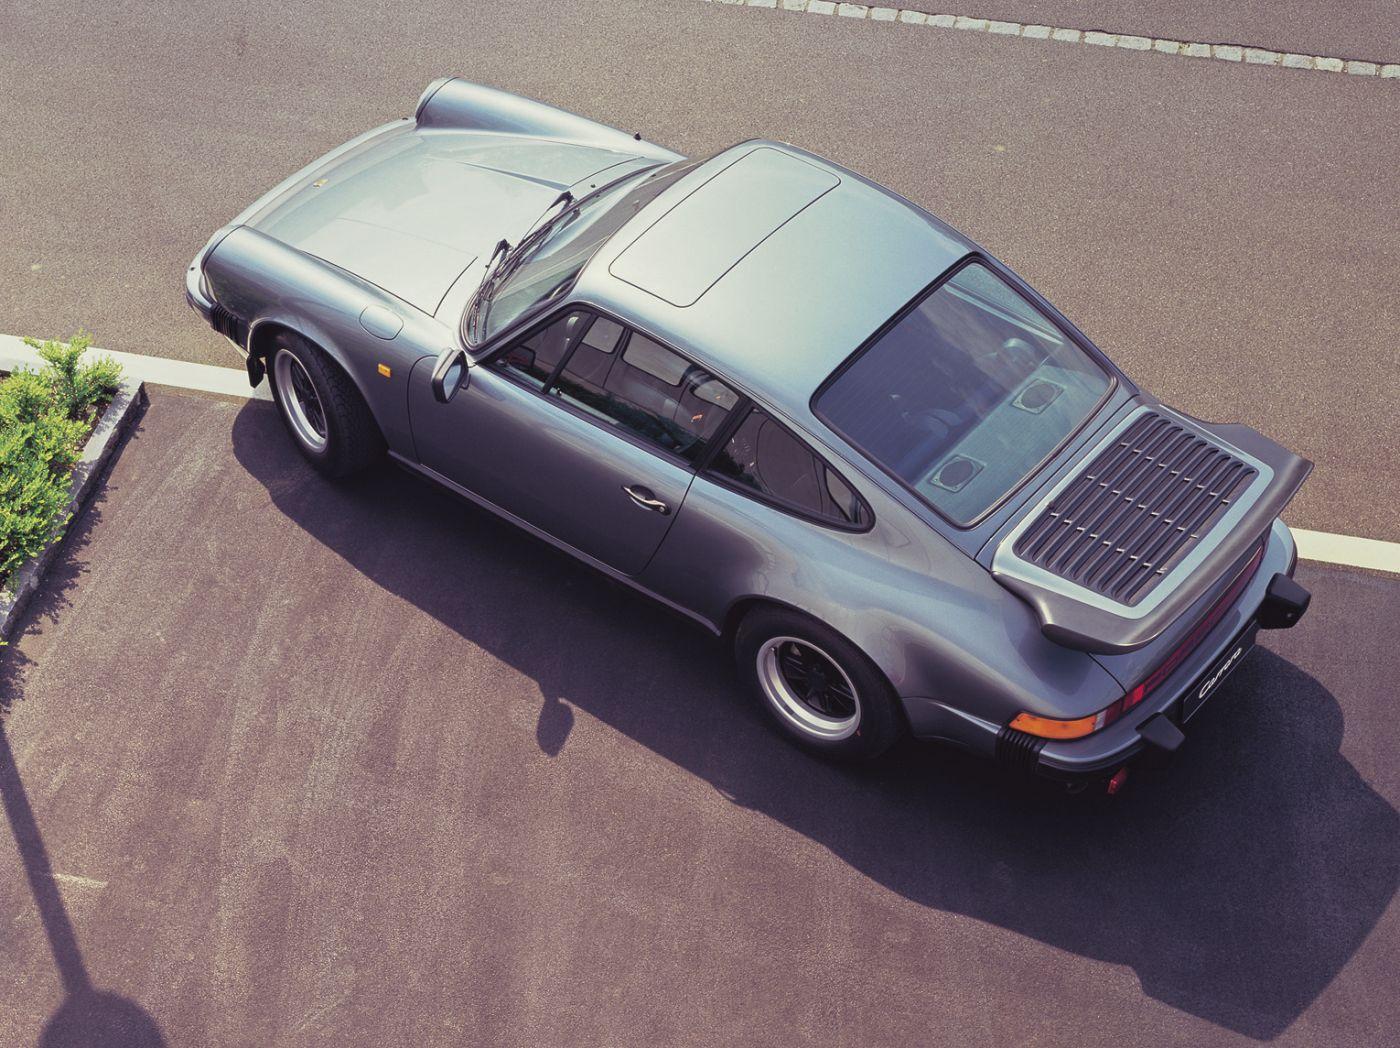 Porsche 911 Carrera G-Modell 1984 (1)